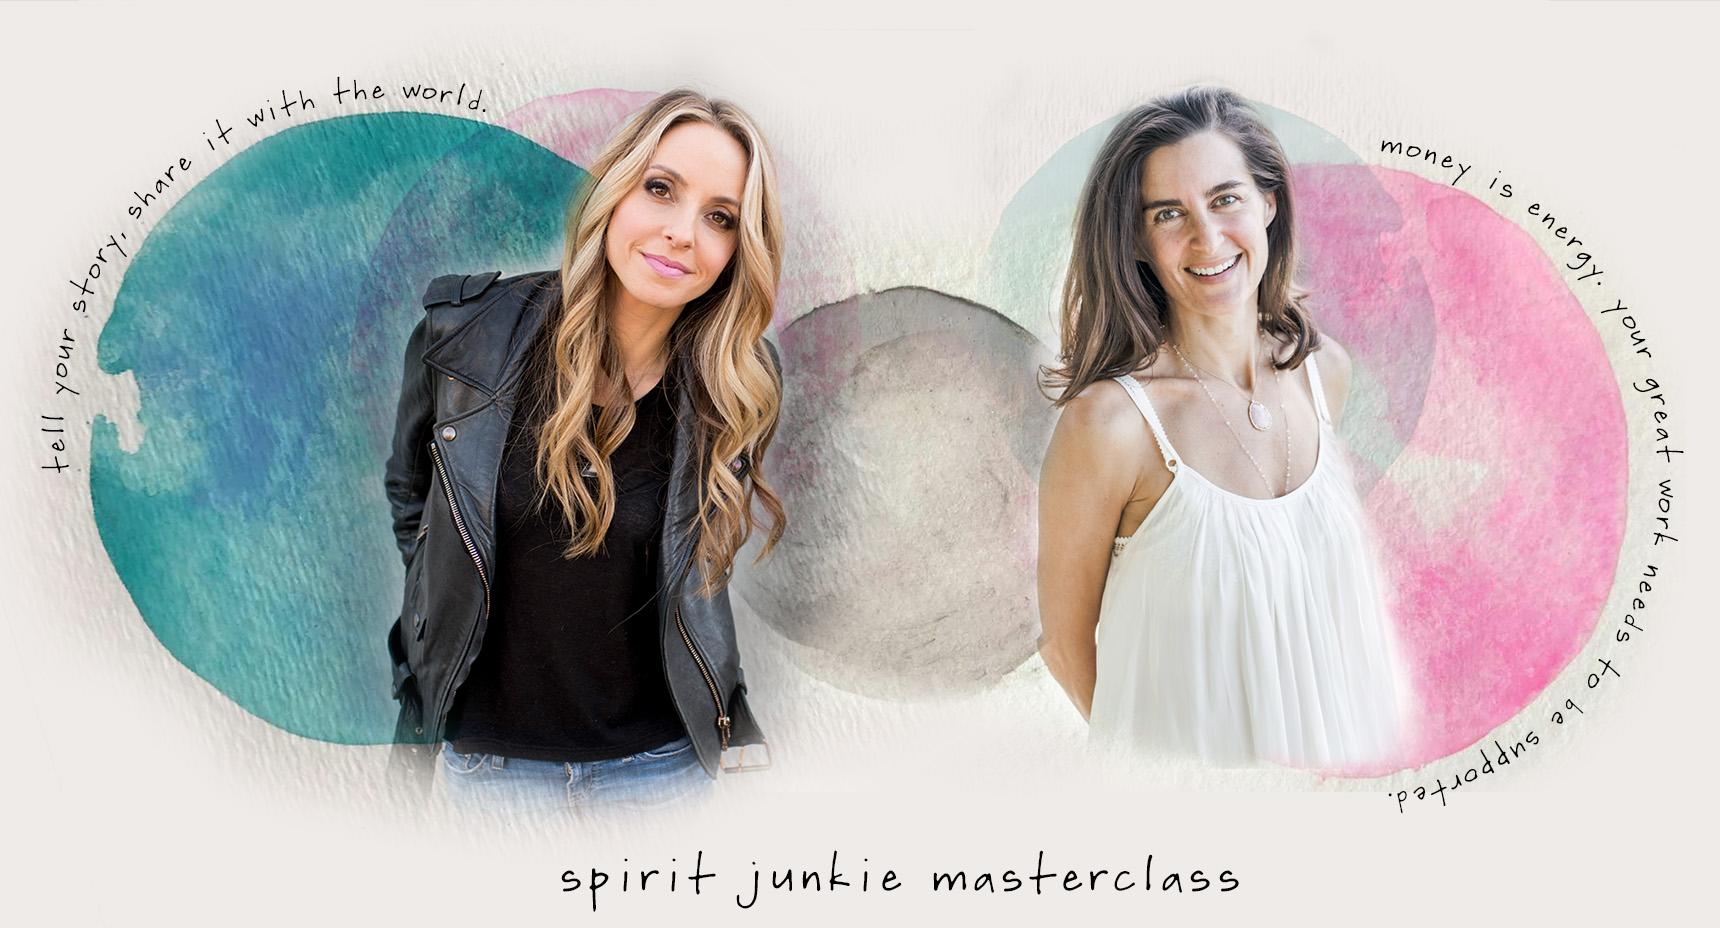 spirit junkie masterclass elena brower gabrielle bernstein